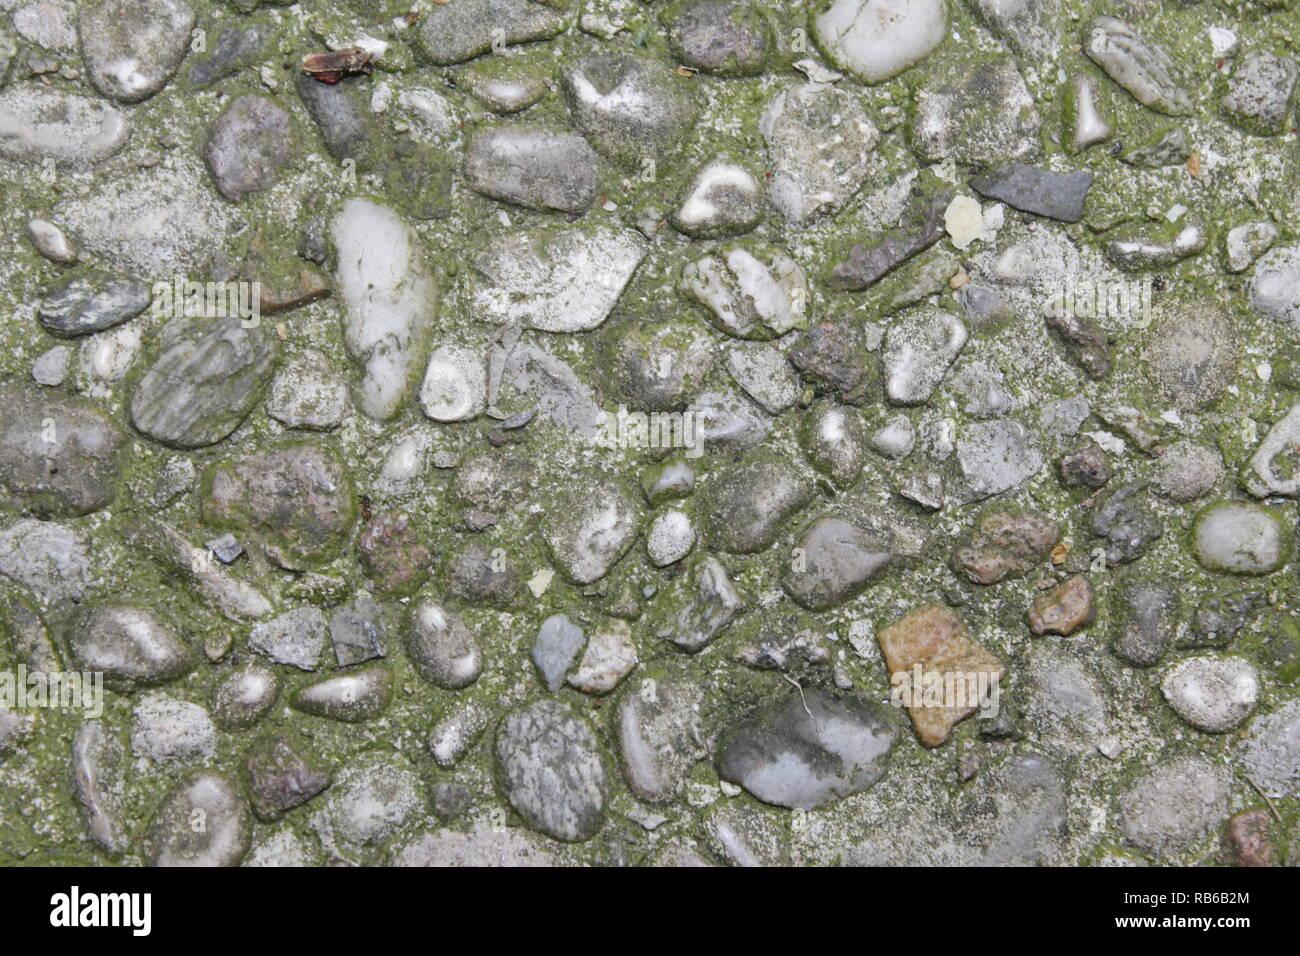 Seamless Rock Floor Texture